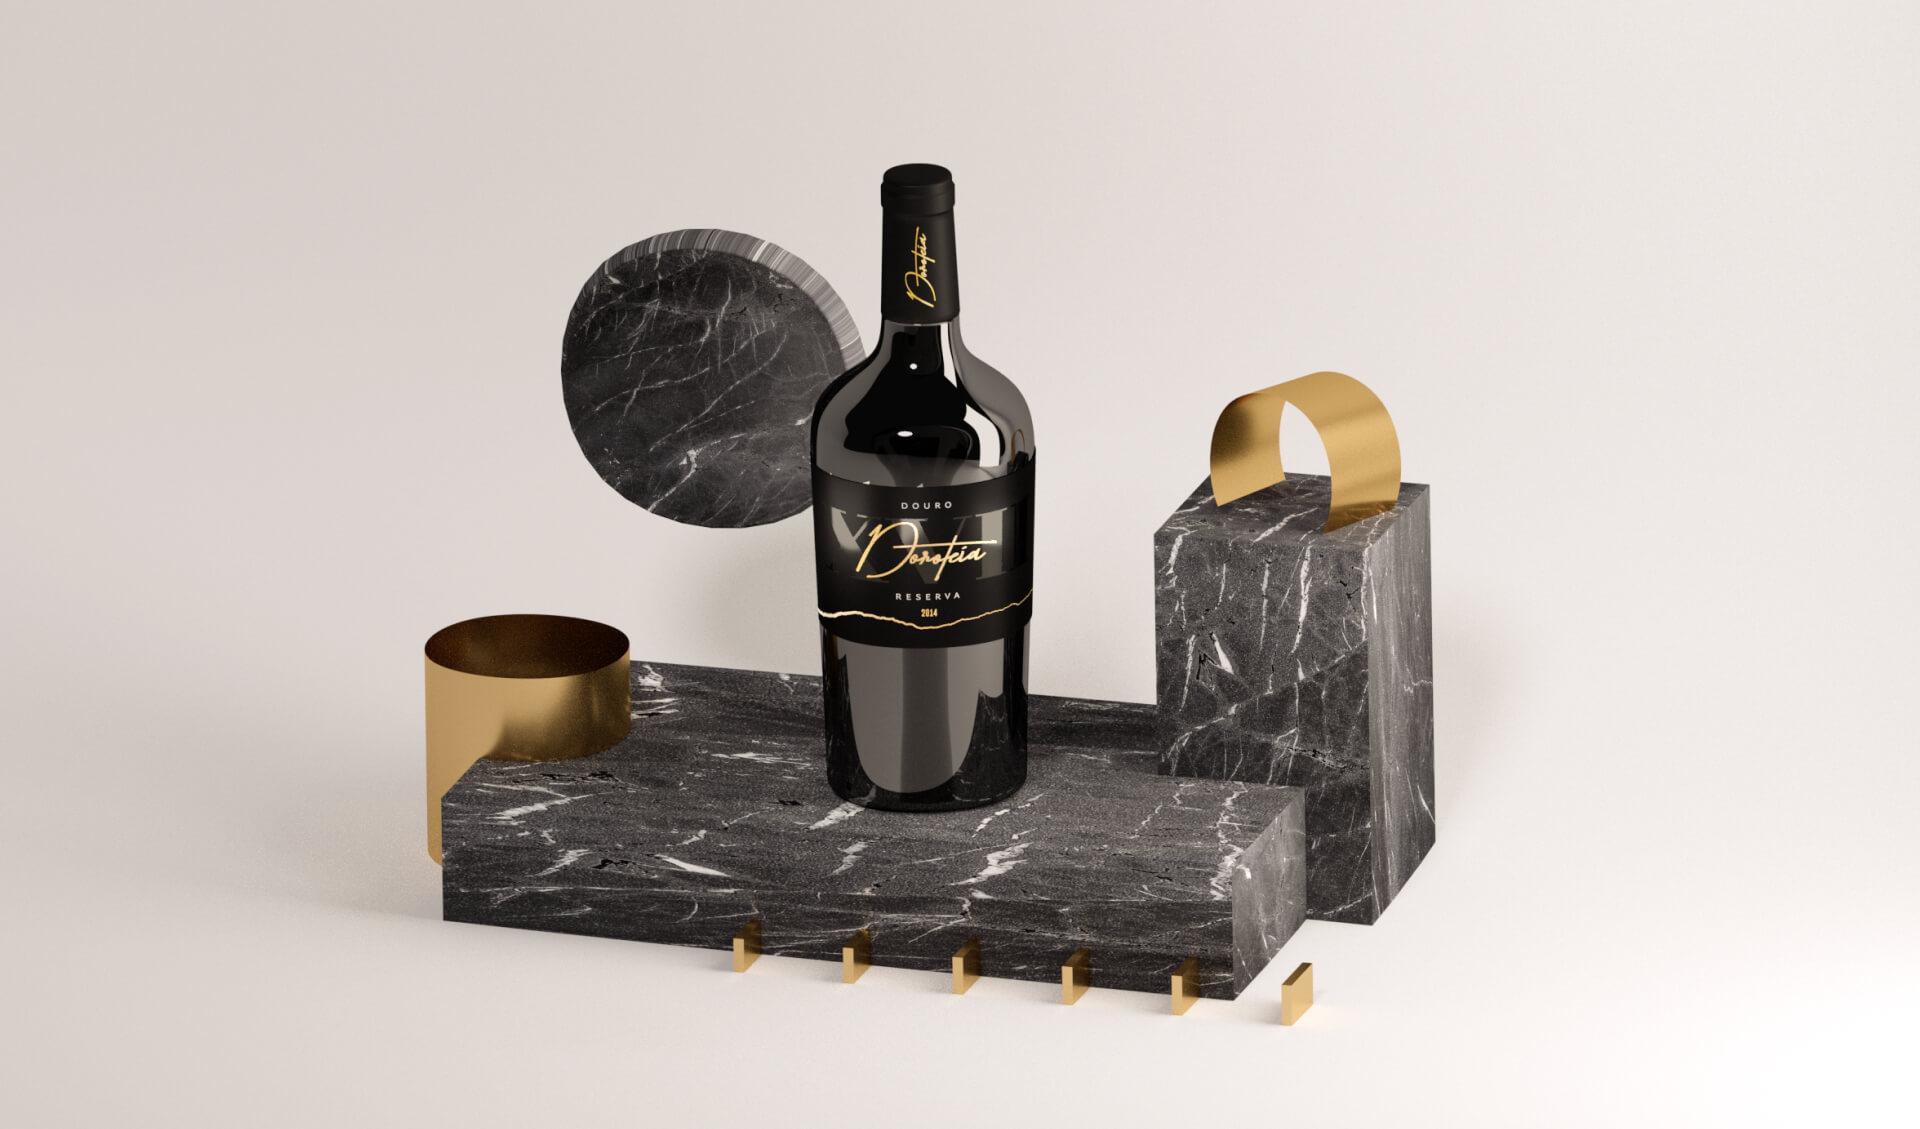 Garrafa de vinho Doroteia sobre uma pedra de mármore